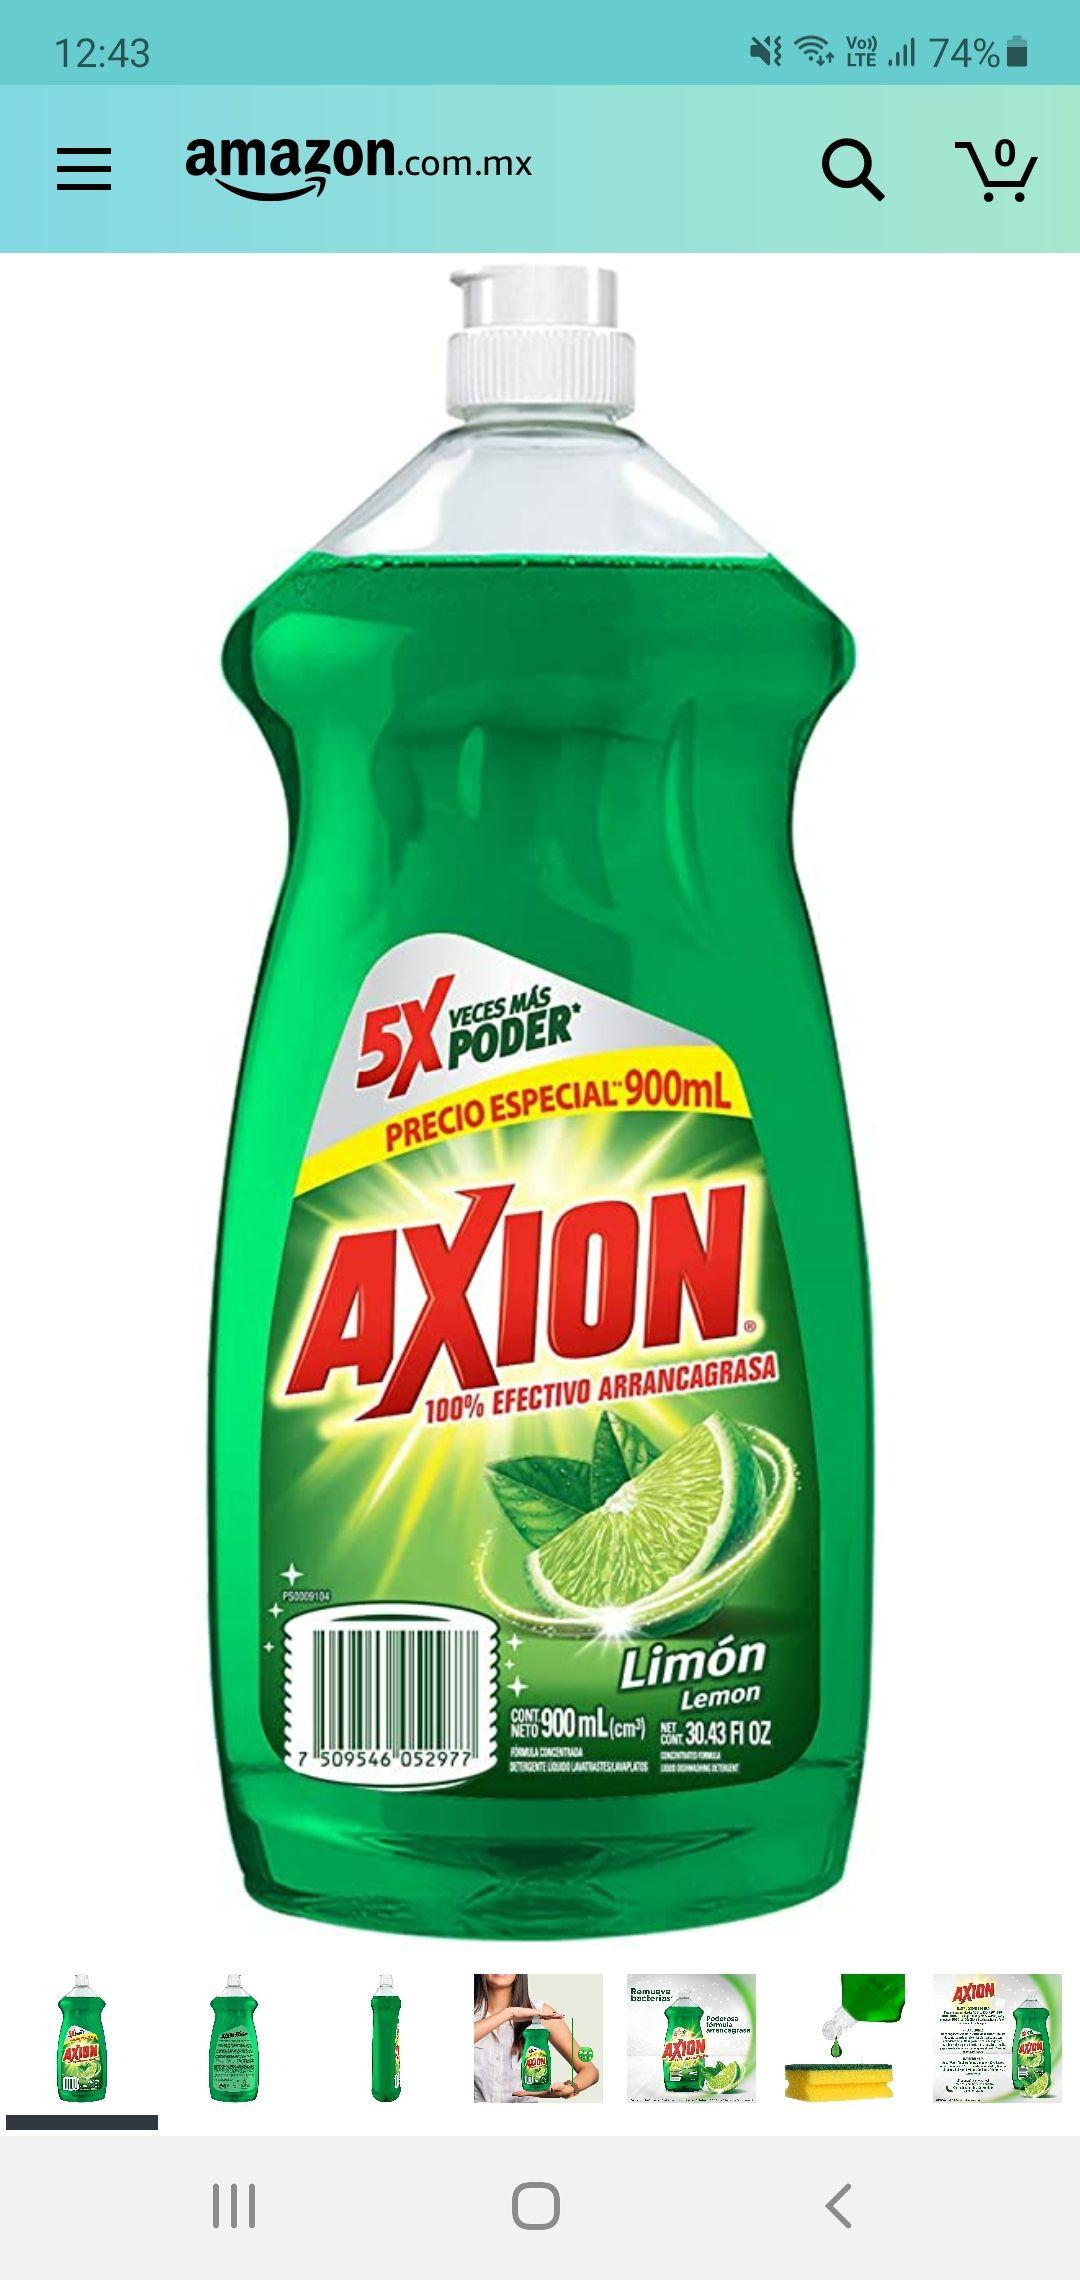 Amazon axion detergente liquido limón 900ml ( con planea y ahorra )